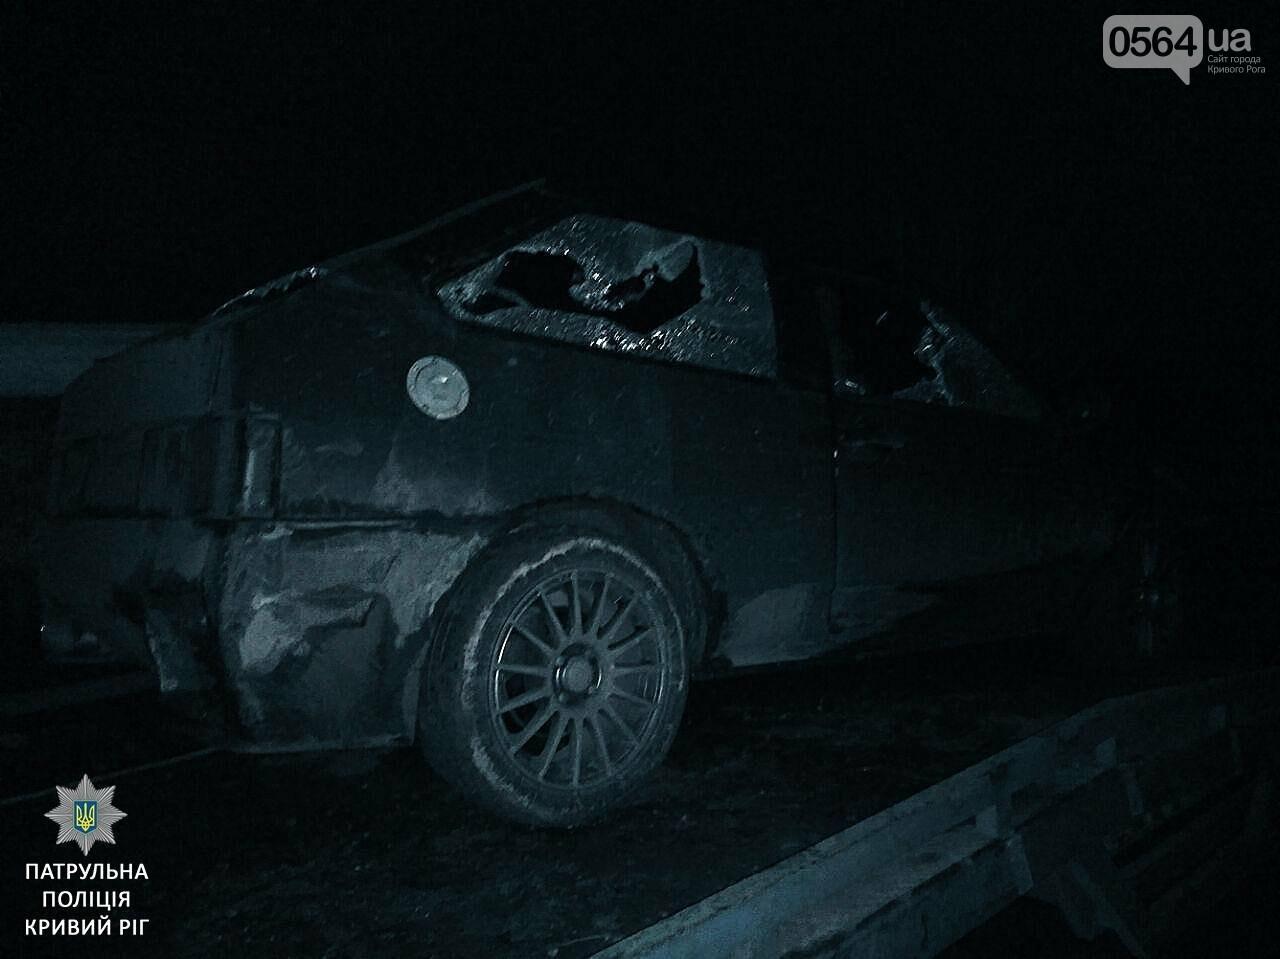 Криворожские патрульные задержали водителя с пистолетом, пытавшегося скрыться на машине и пешком (ФОТО), фото-2